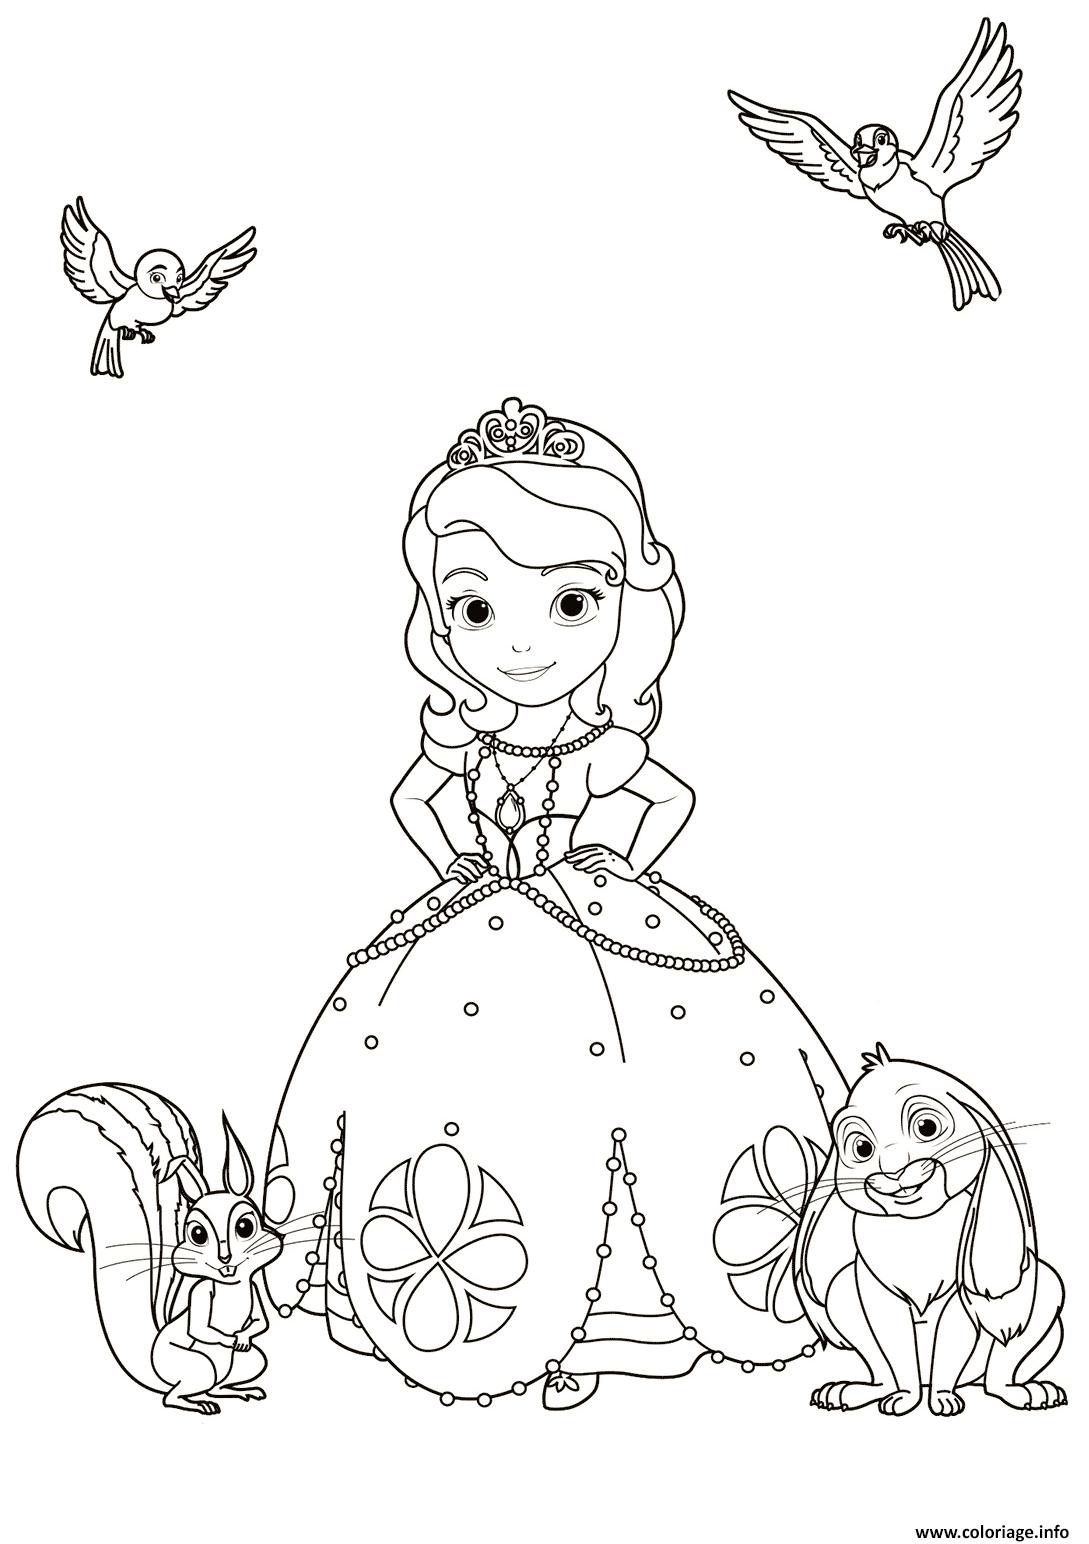 Coloriage Princesse Sofia Avec Les Animaux Dessin